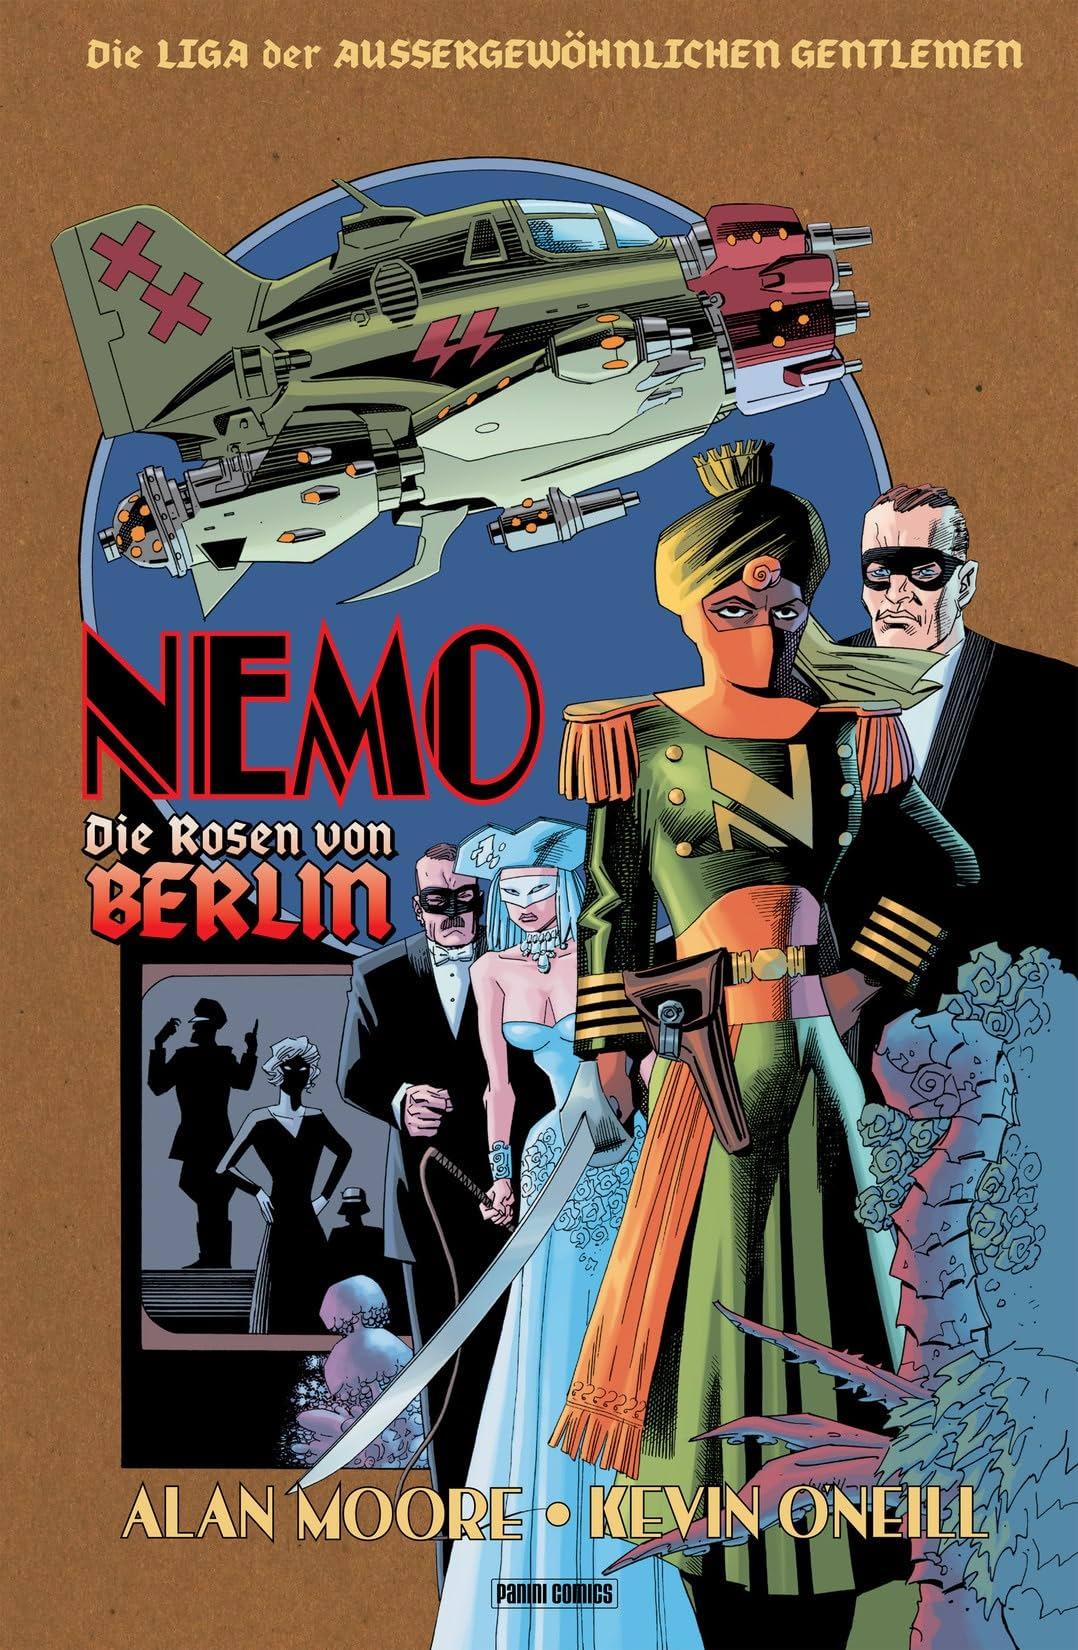 Die Liga der außergewöhnlichen Gentlemen Vol. 2: Nemo - Die Rosen von Berlin